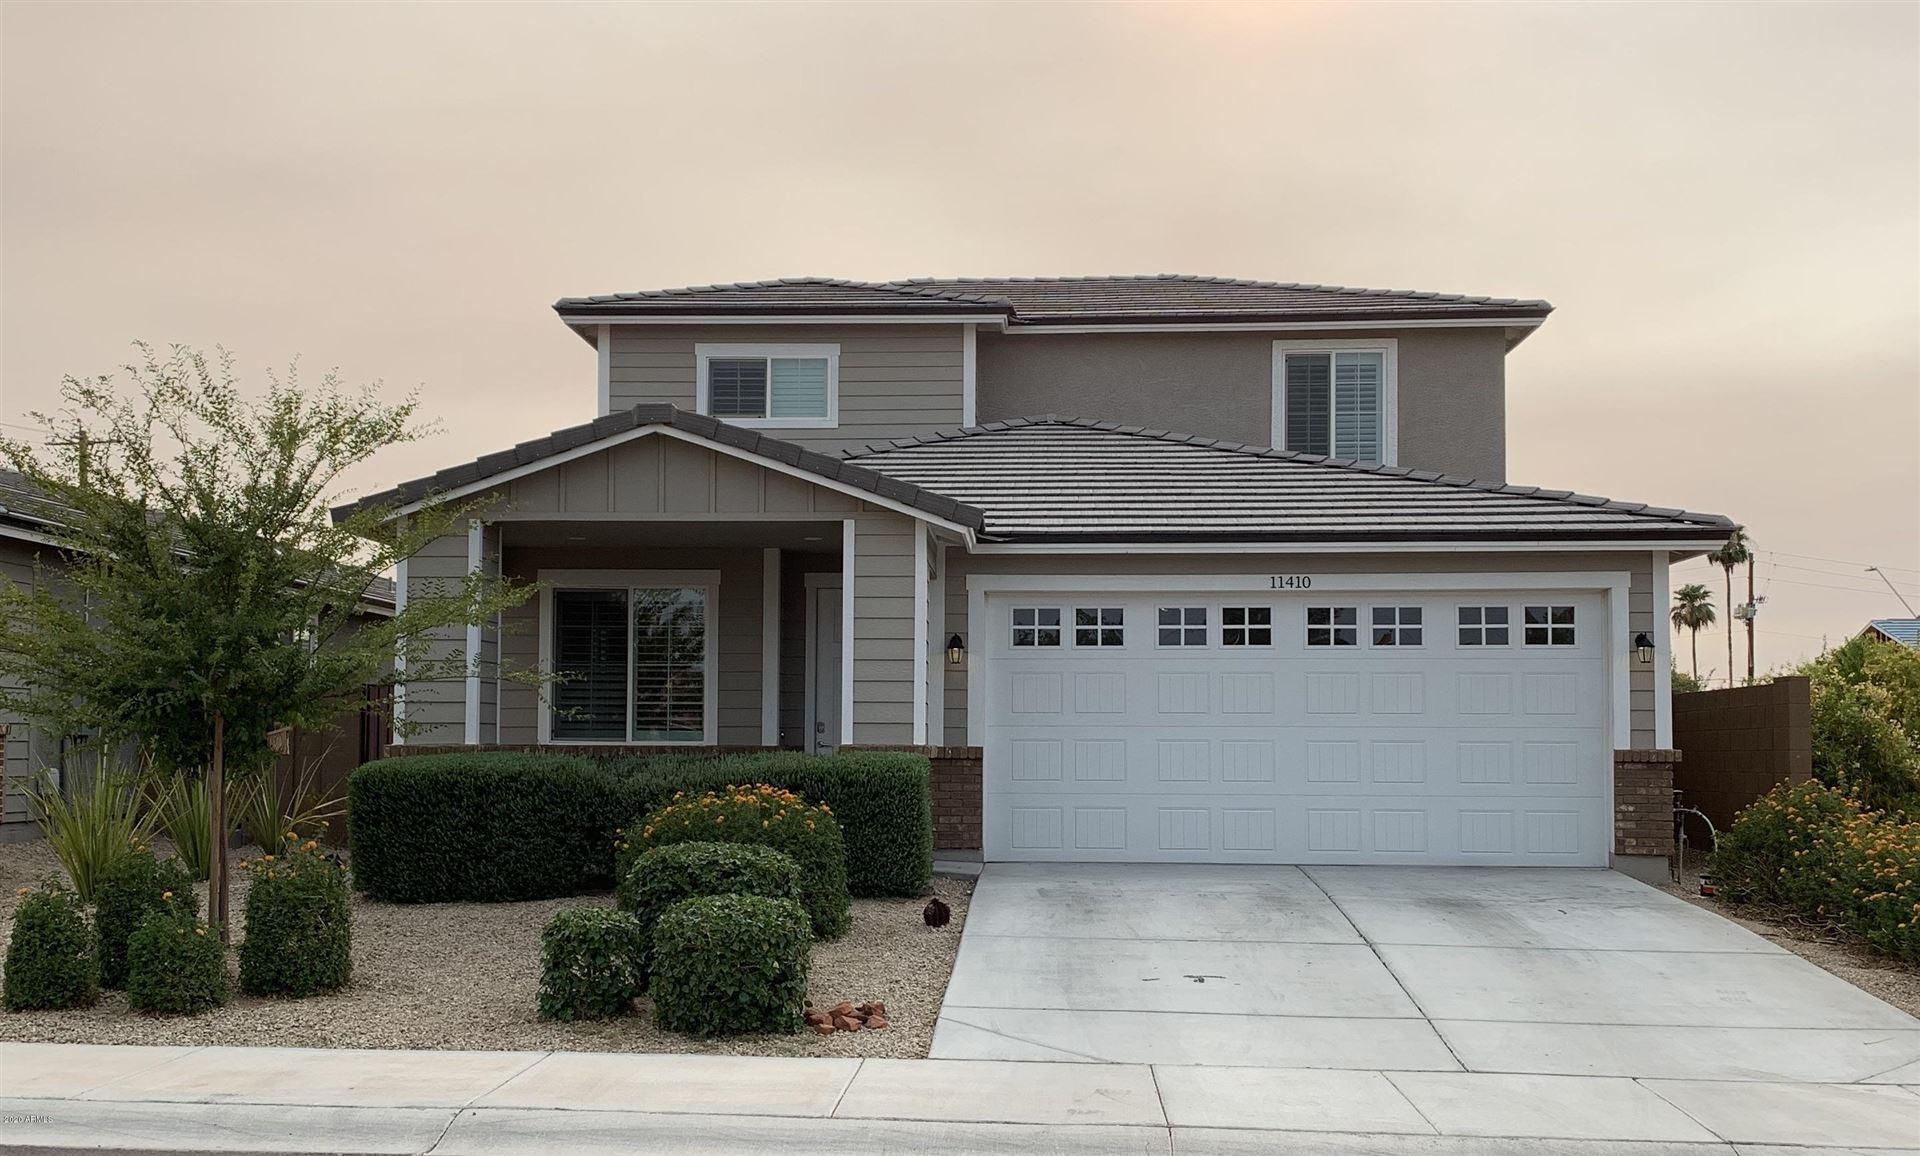 11410 N 50TH Lane, Glendale, AZ 85304 - #: 6113569